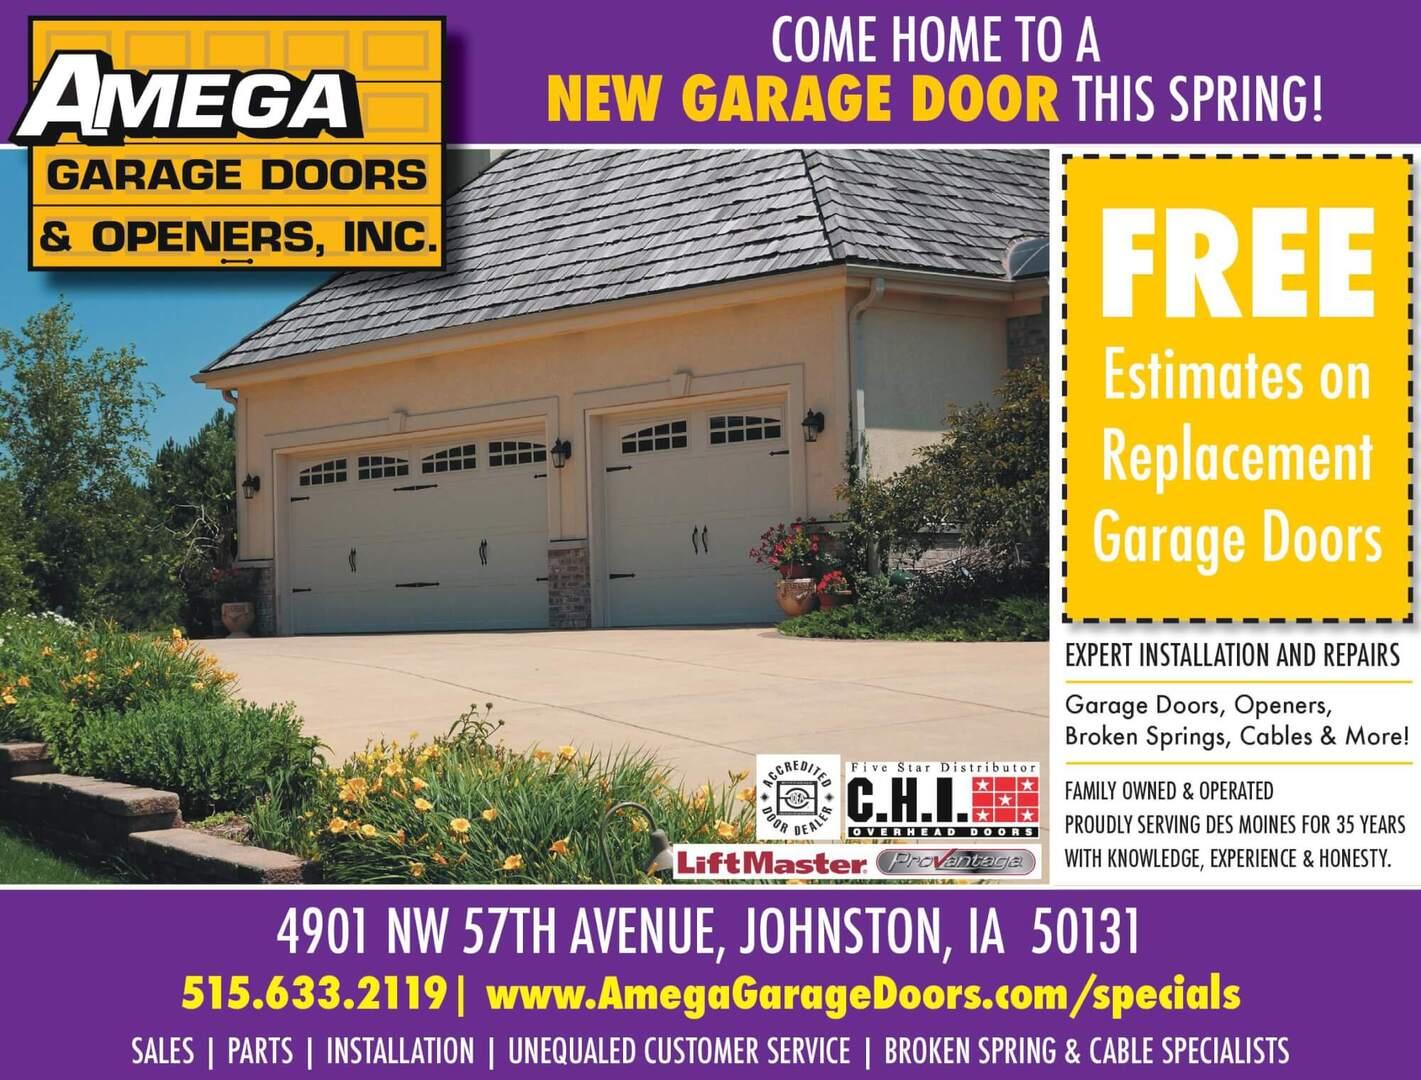 Spring 2021 Amega Garage Door specials. Free Estimates on replacement garage doors.